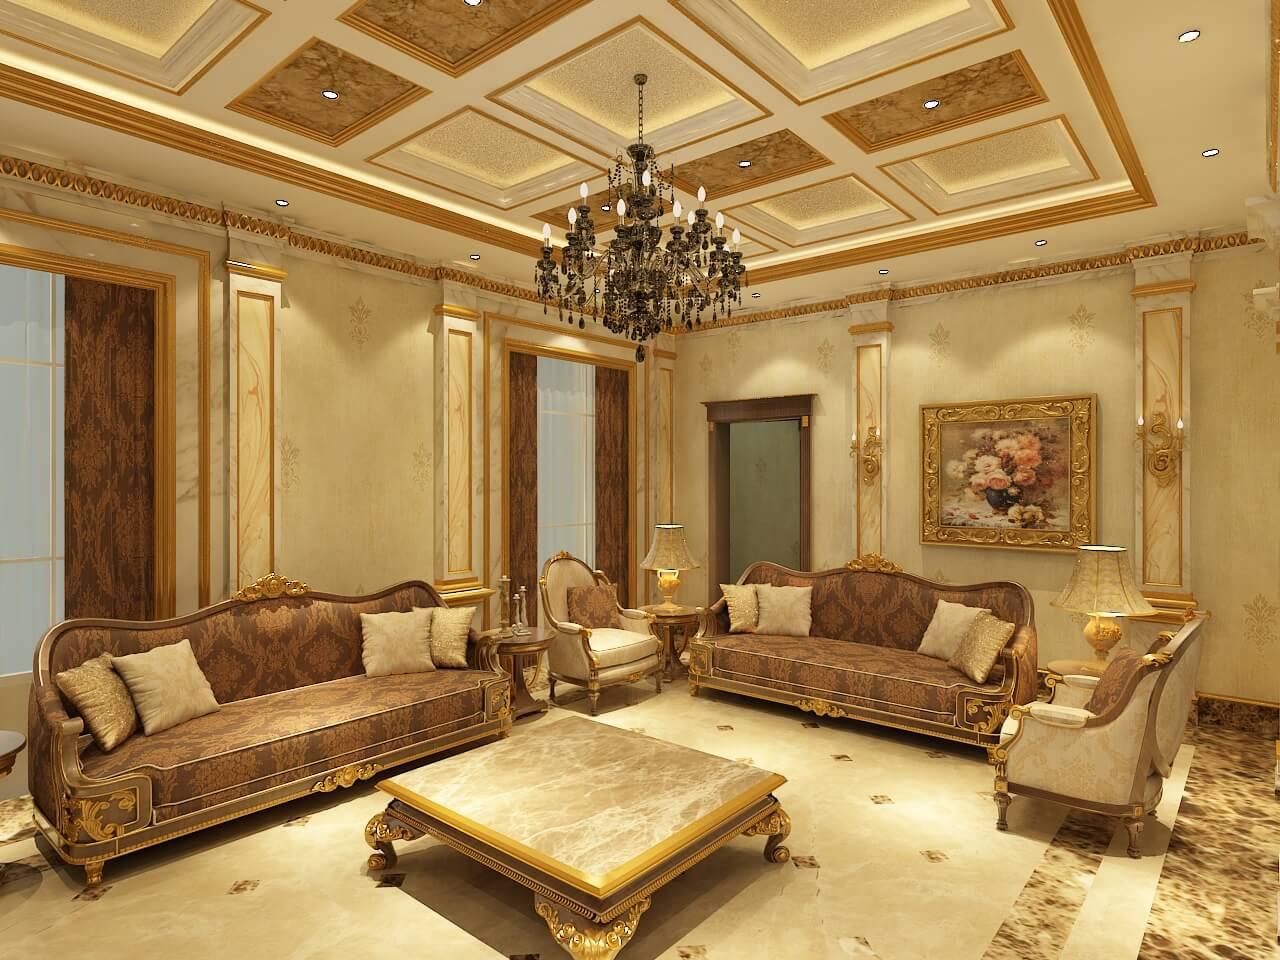 Private Villa, Emirates Hills - 7